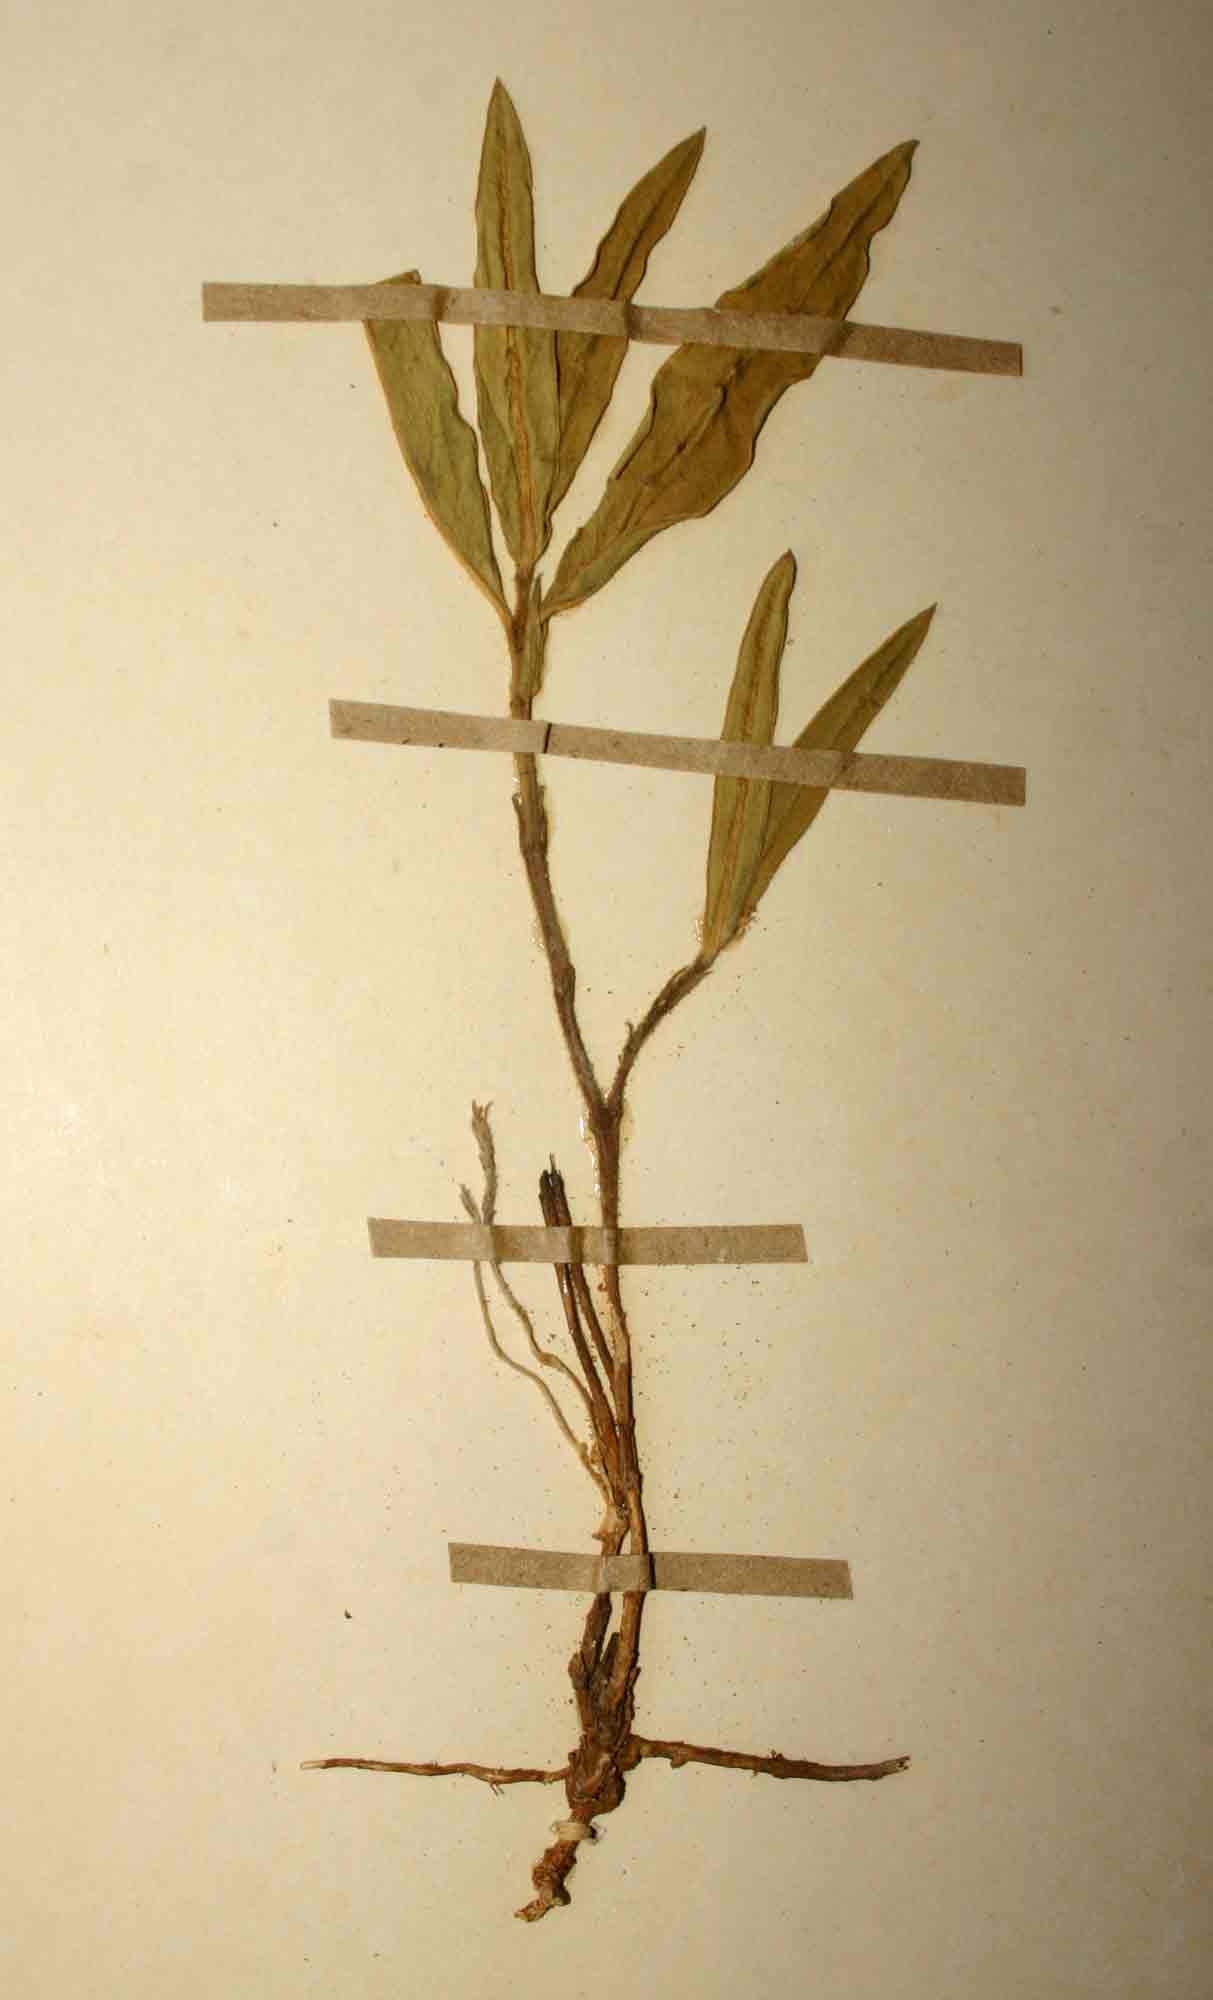 Cynanchum praecox